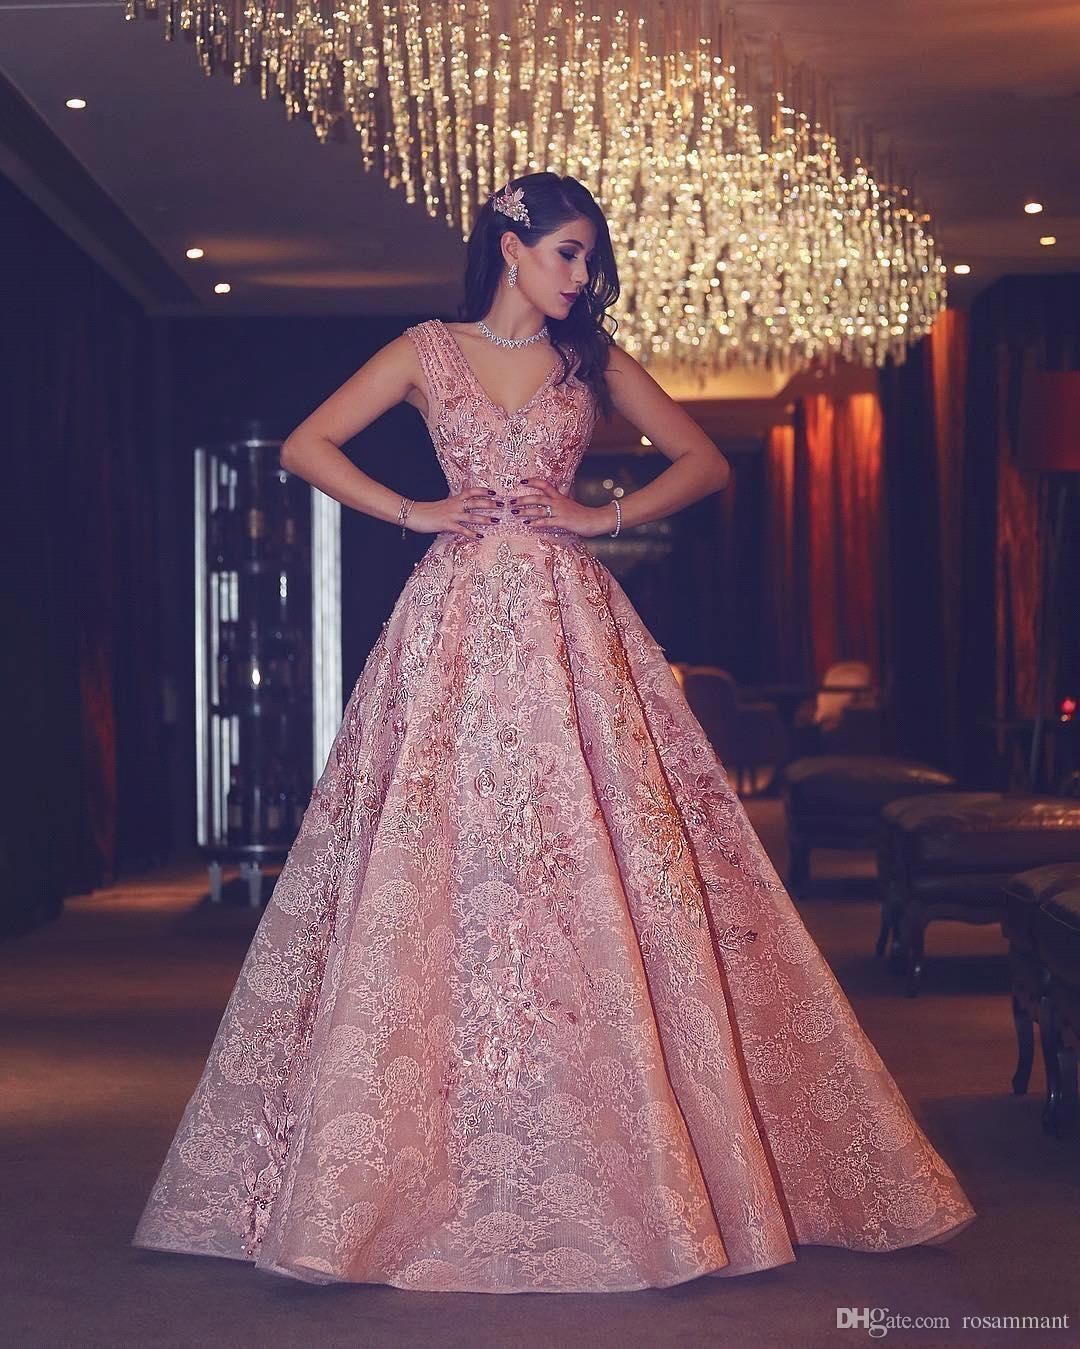 4d64e85c181 Großhandel 2018 New Luxury Abendkleid Blumen Puffy Rosa V Ausschnitt  Friesen Spitze Abendkleider Hohe Qualität Maß Von Rosammant